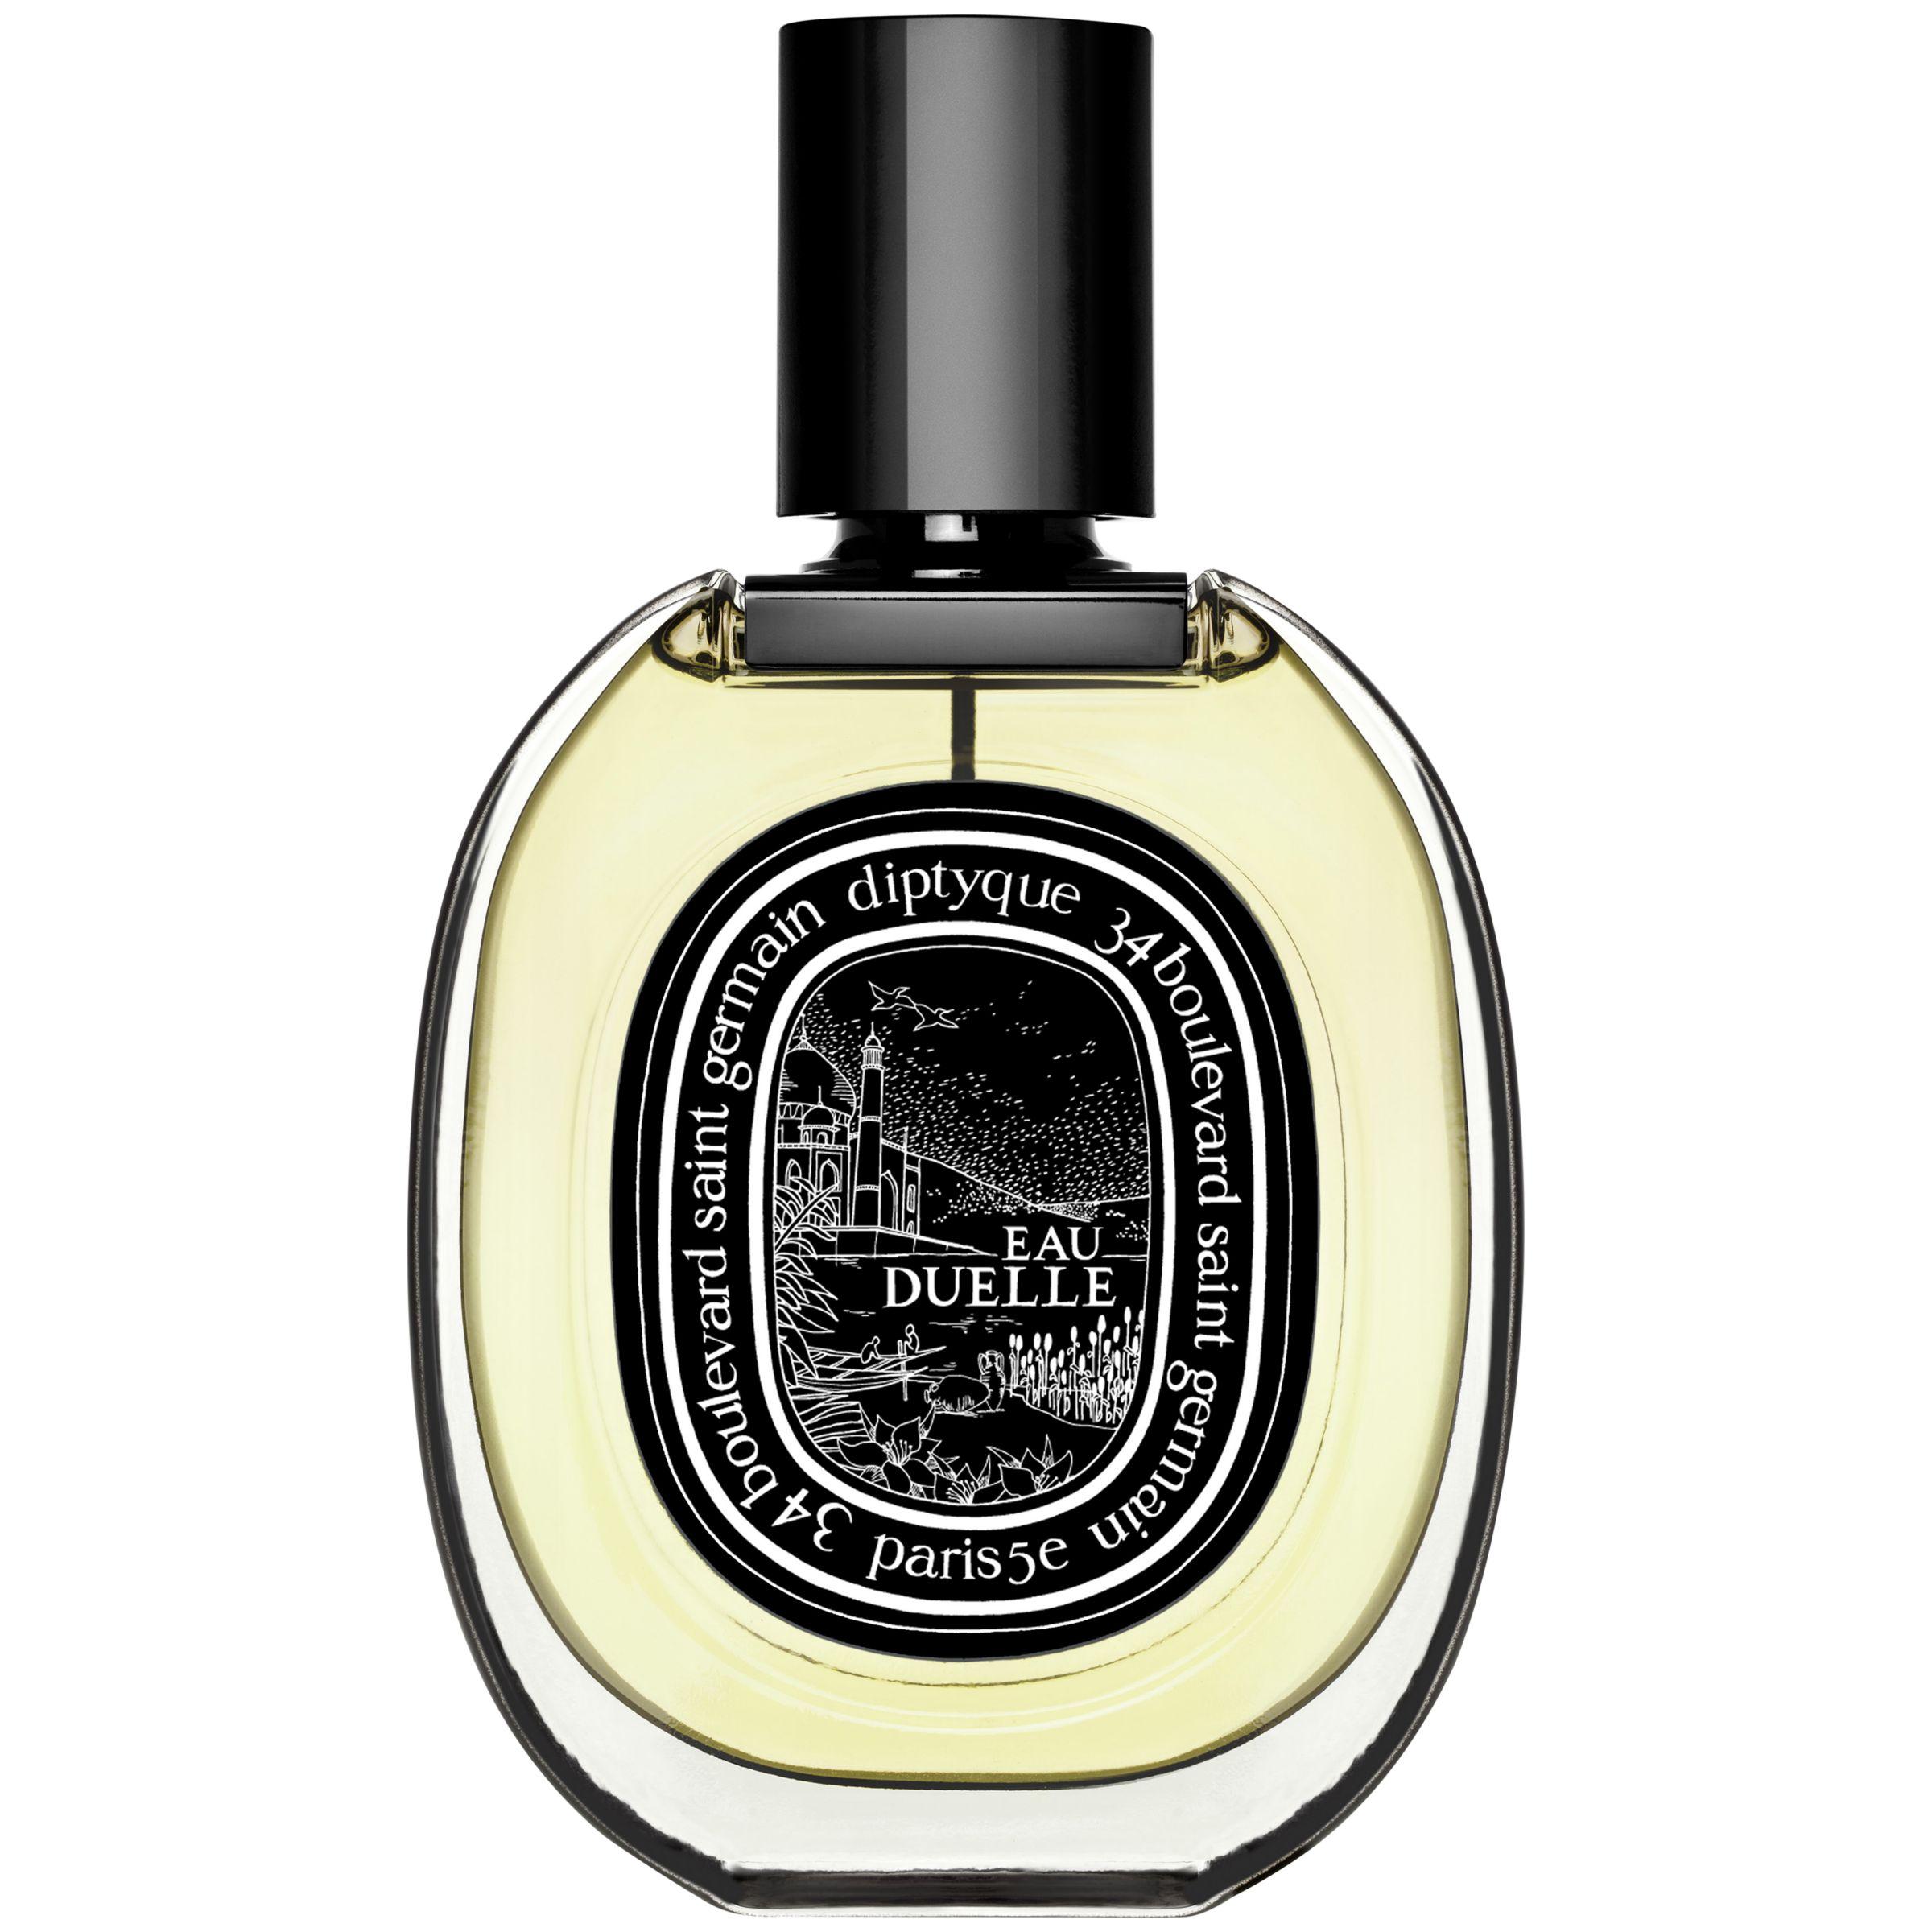 Diptyque Diptyque Eau Duelle Eau De Parfum, 75ml